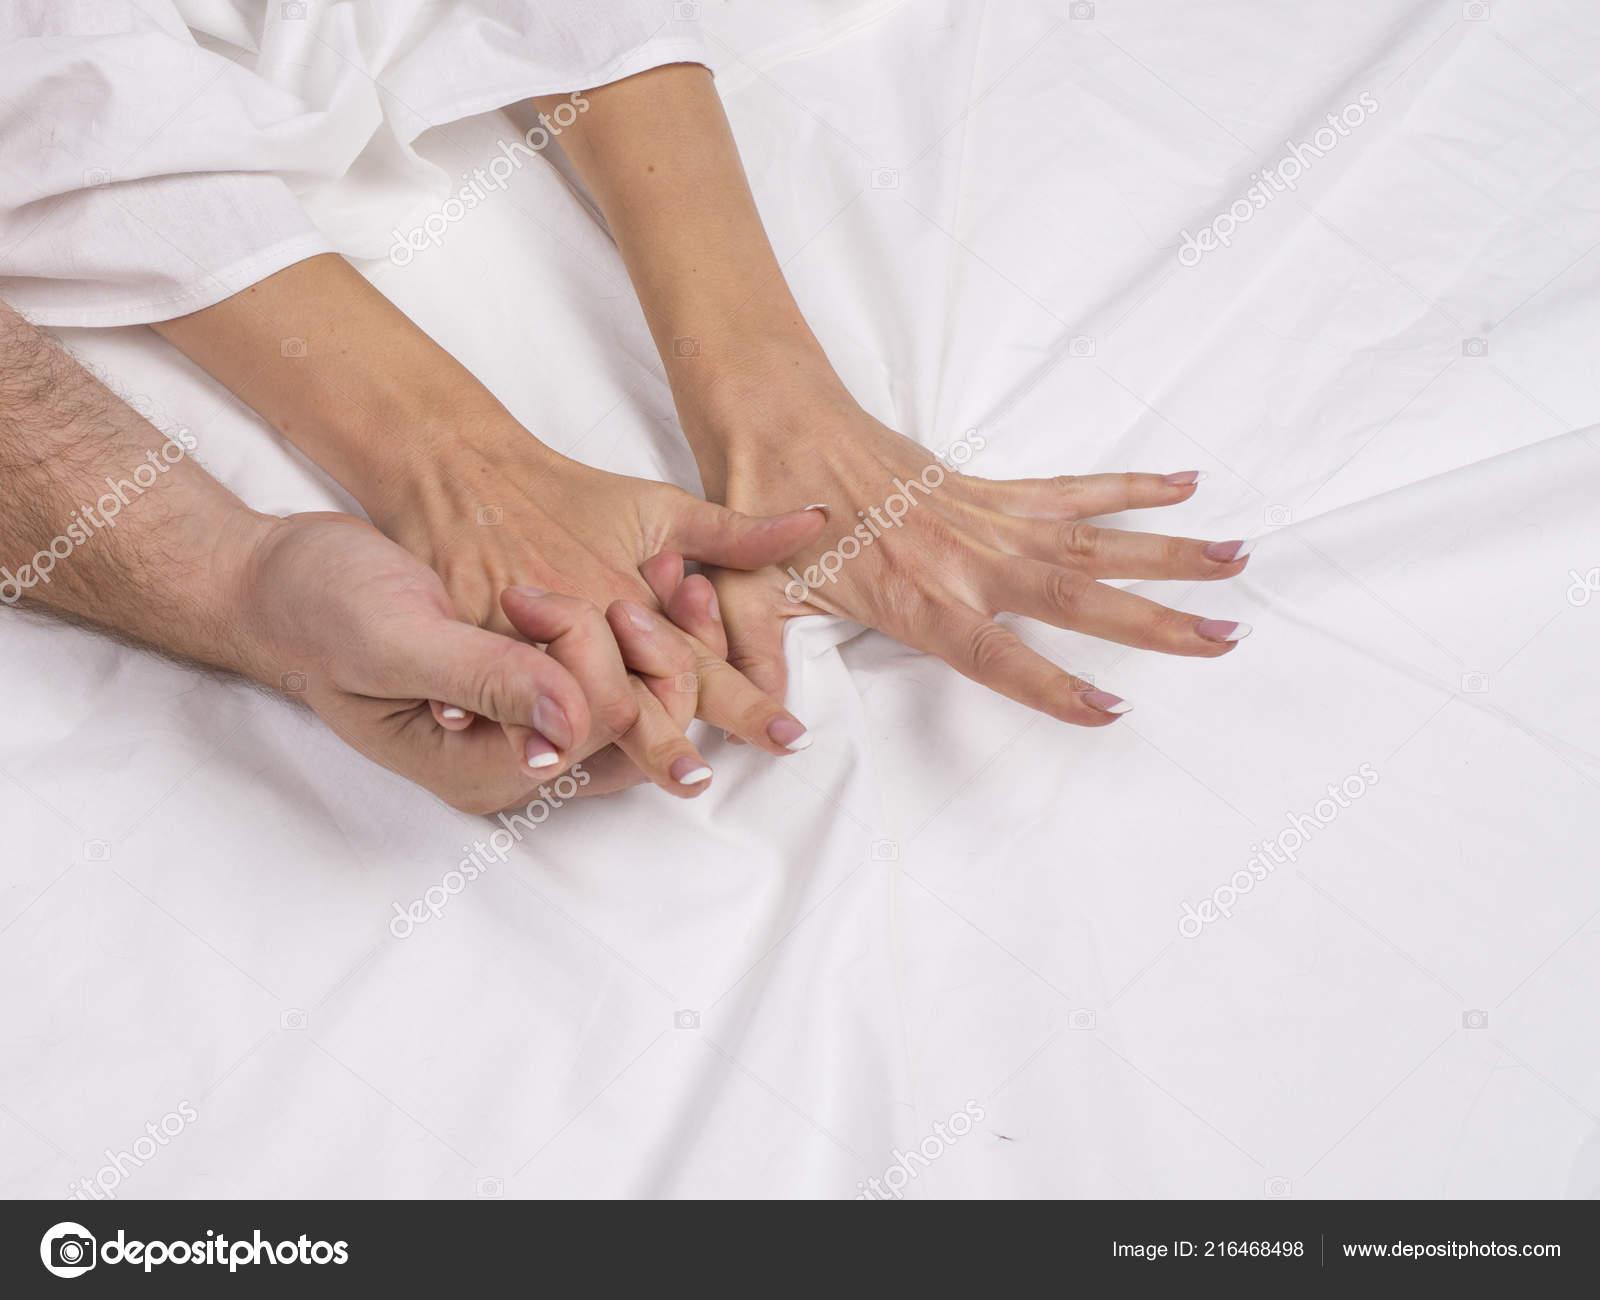 touching michigan bukkake remarkable, useful